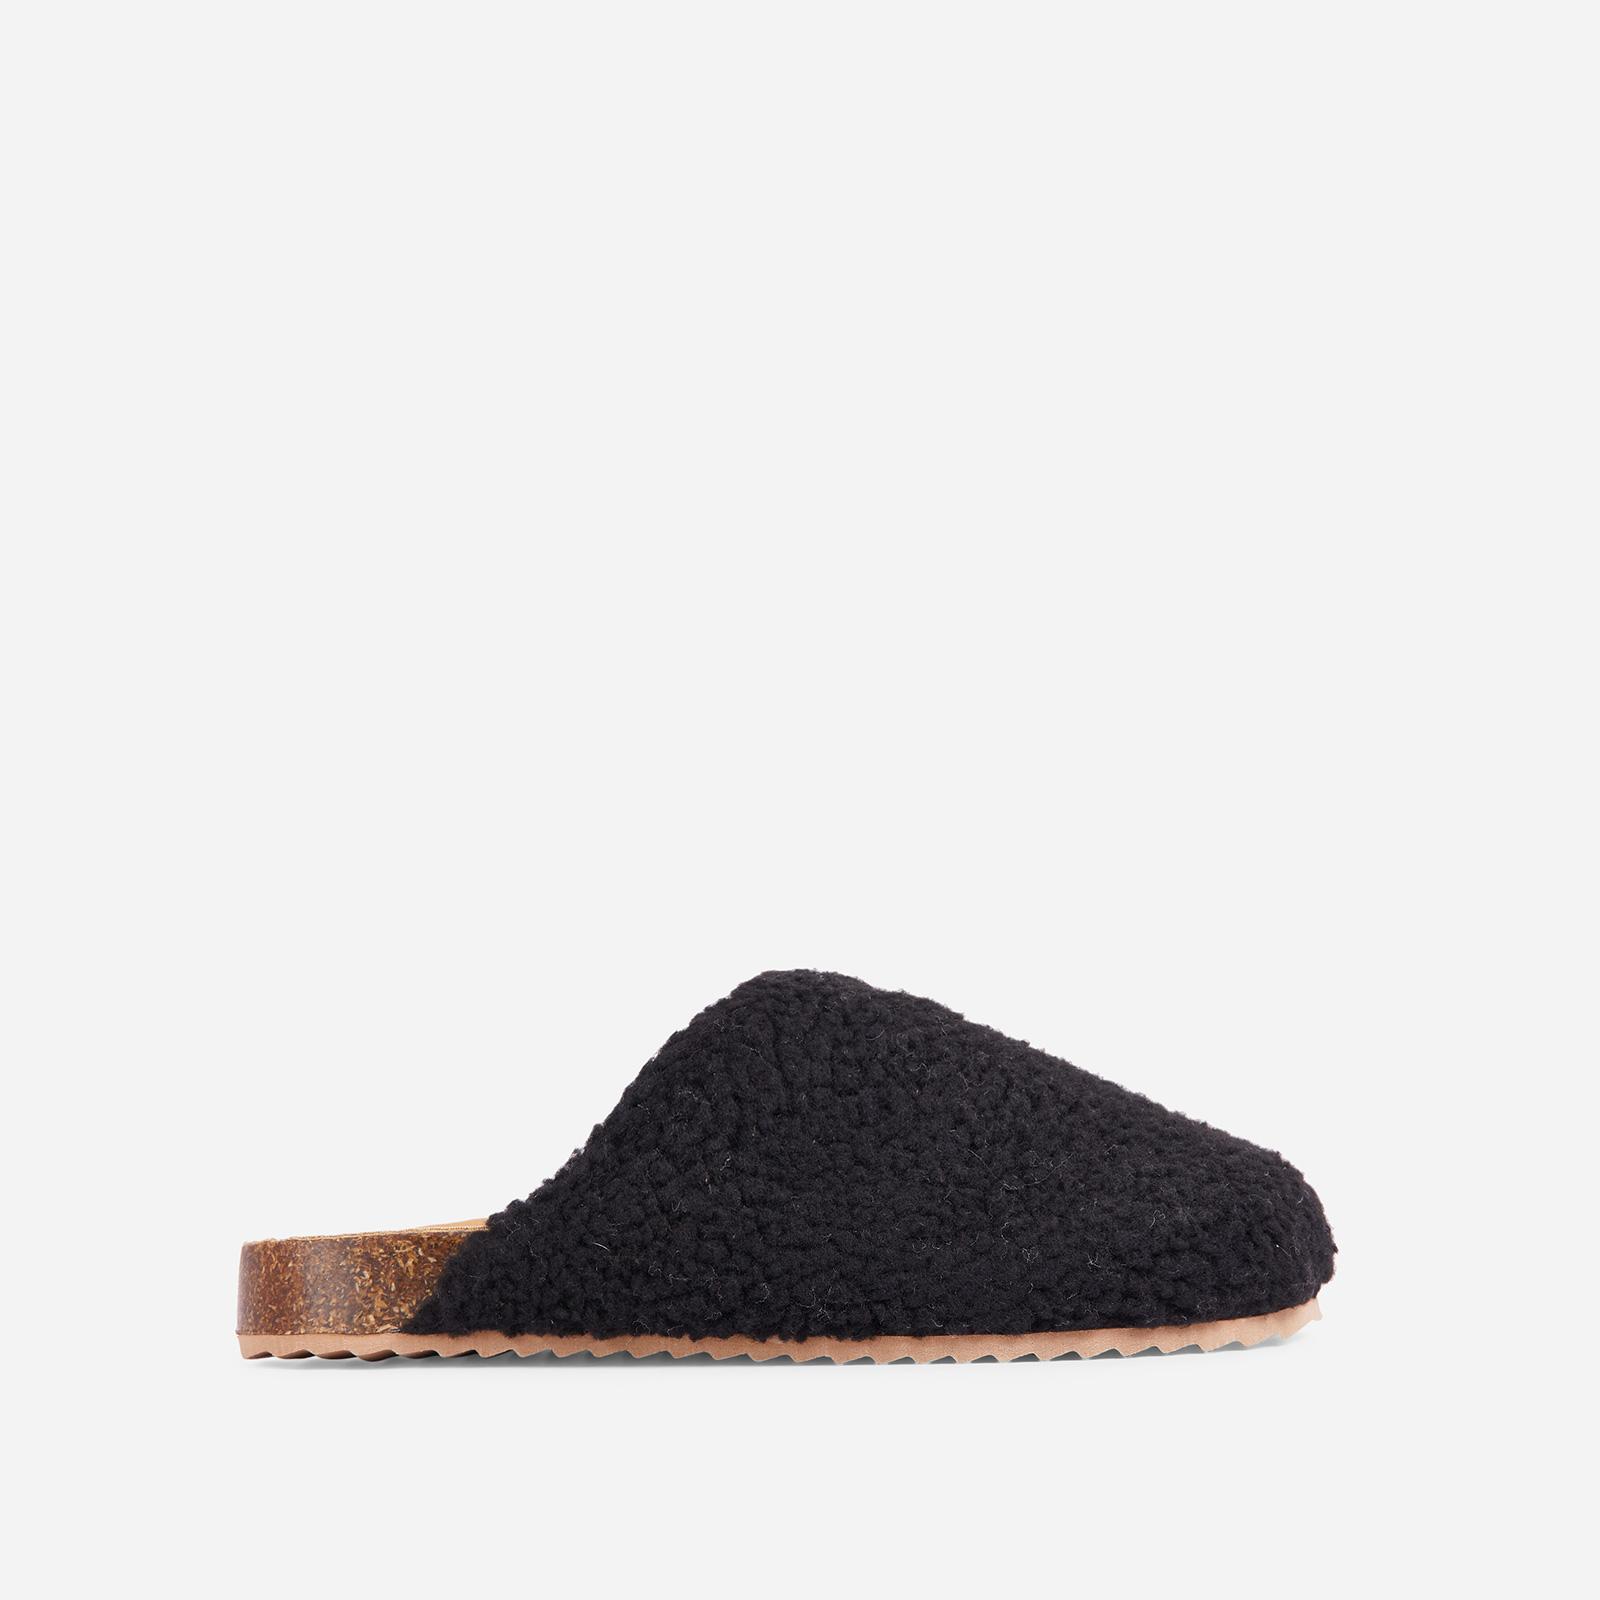 EGO Oozy Flat Mule In Black Faux Shearling, Black  - female - Size: 5